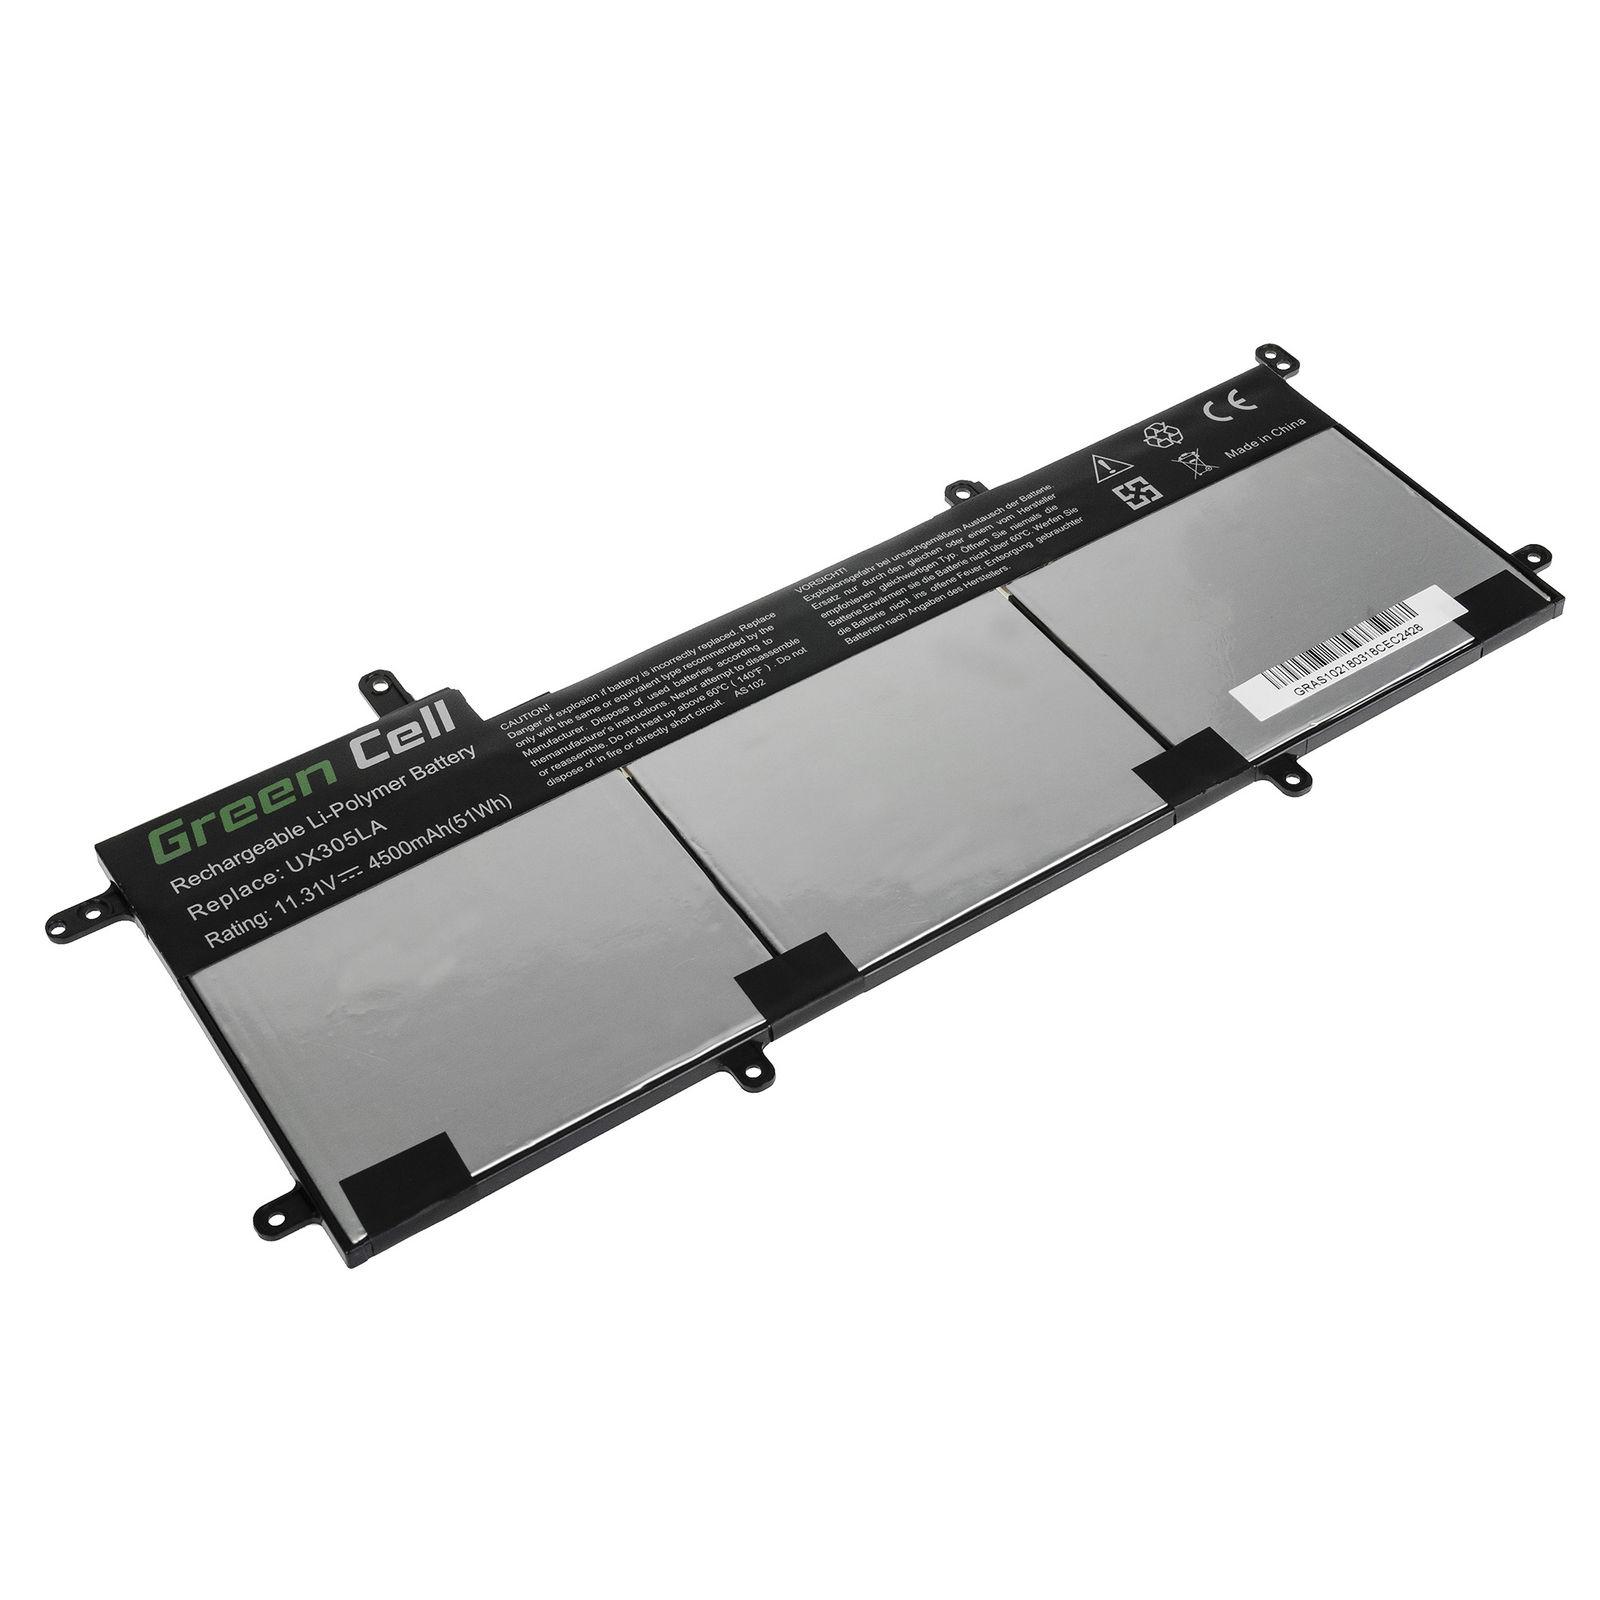 Batterie pour Asus Zenbook UX305L UX305LA UX305LA-FB015H 4500mAh(compatible)